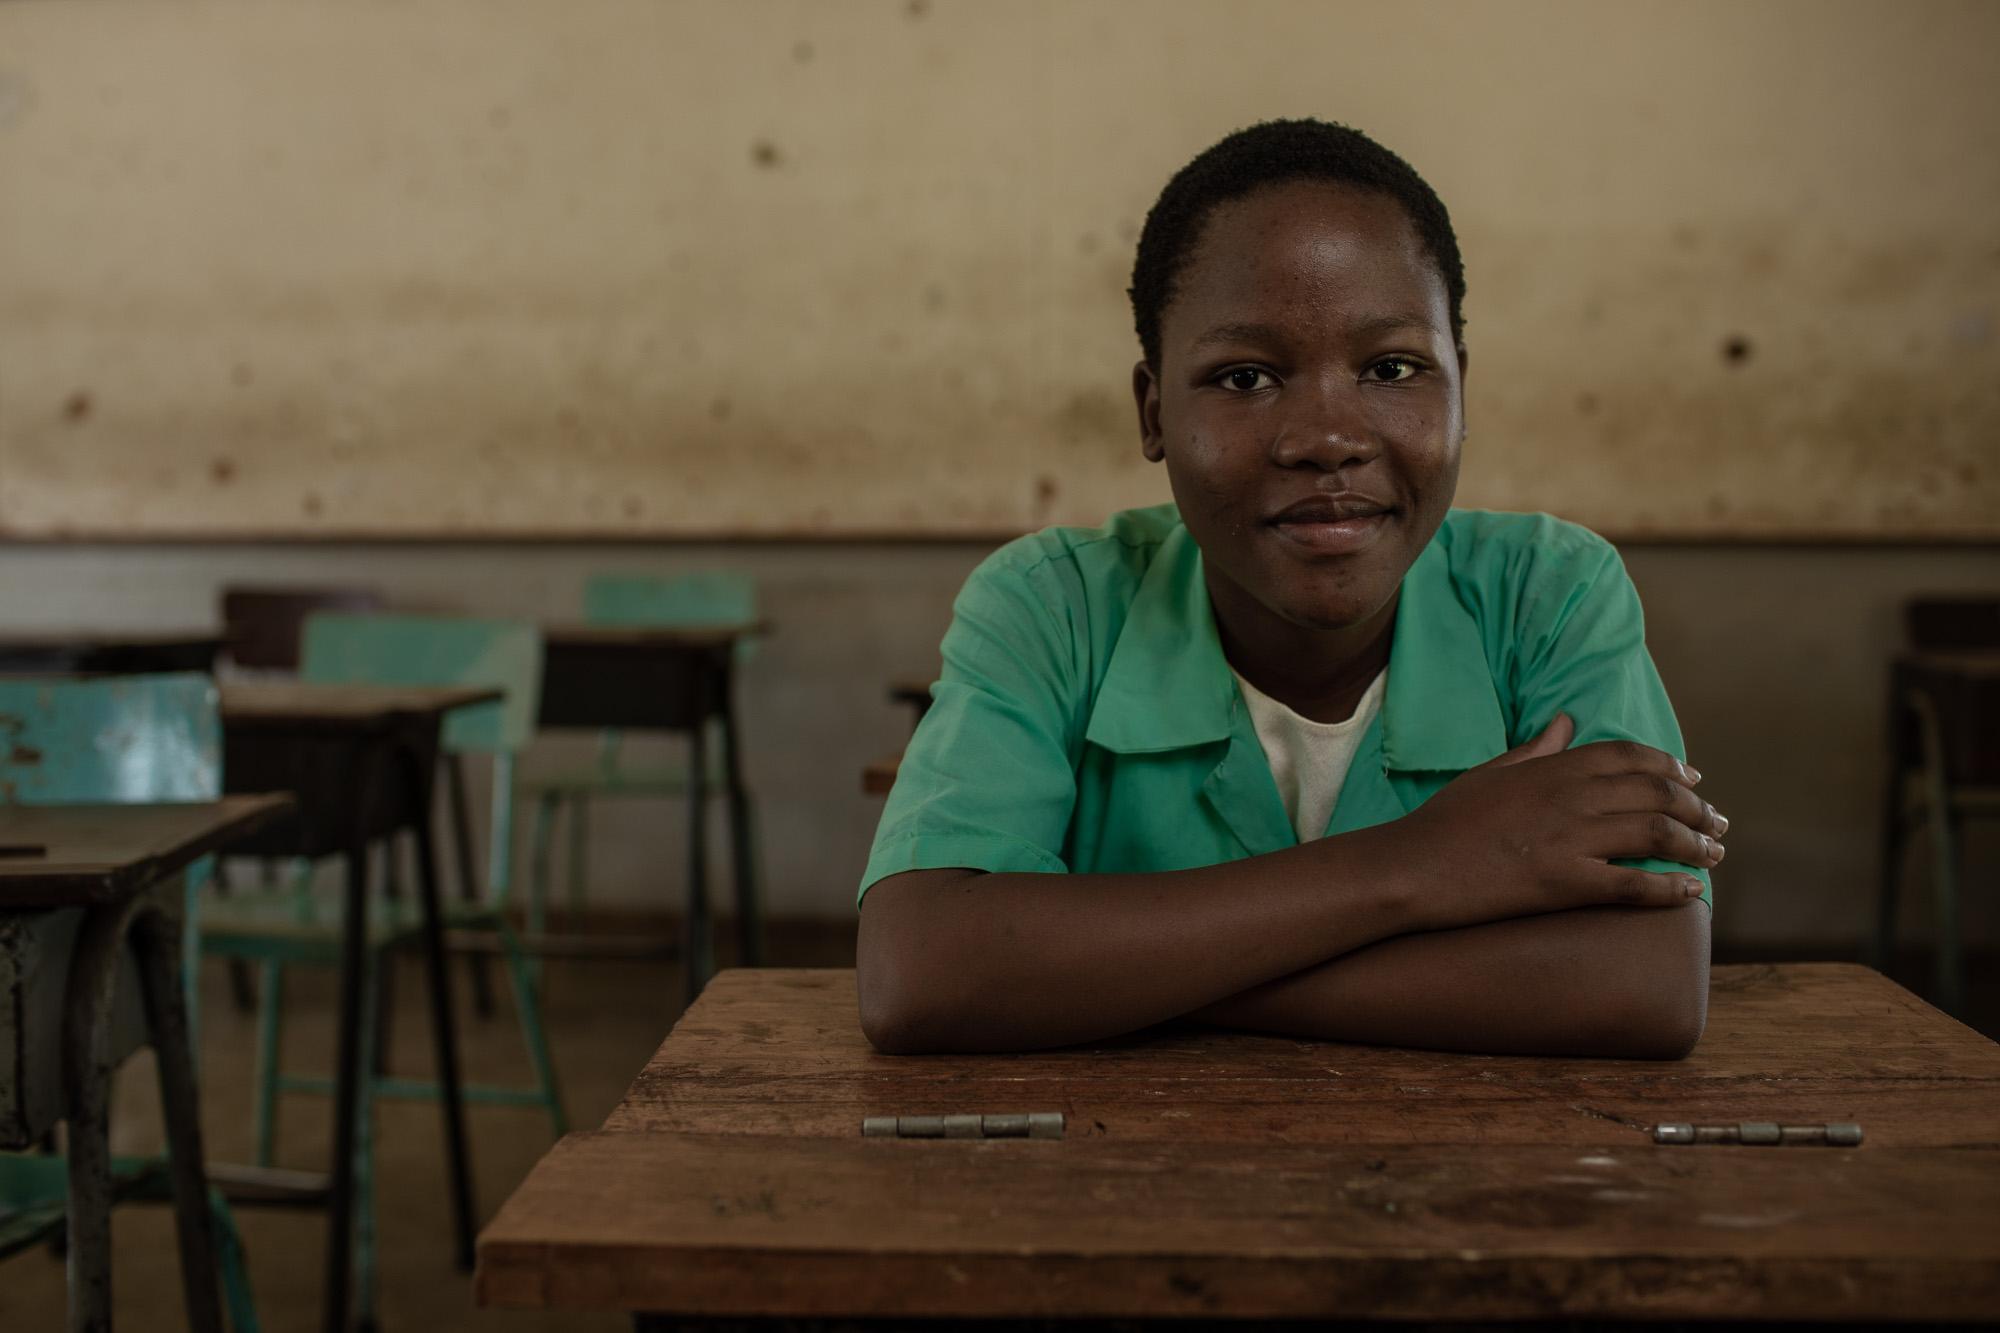 181220-Malawi-A-Camera-64-web.jpg